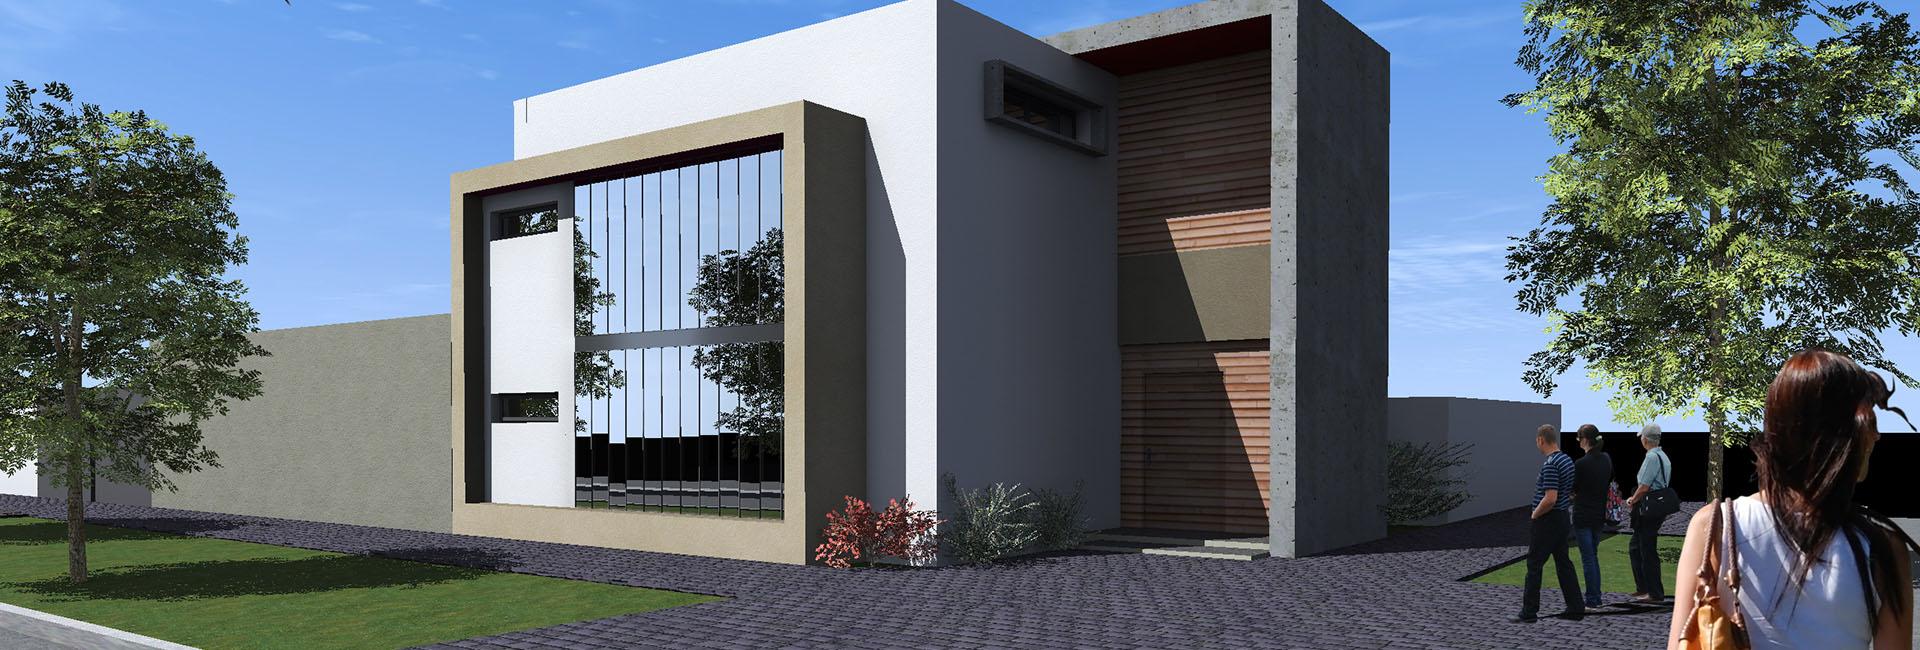 estudio_arquitectura_rosario_casa_minimal